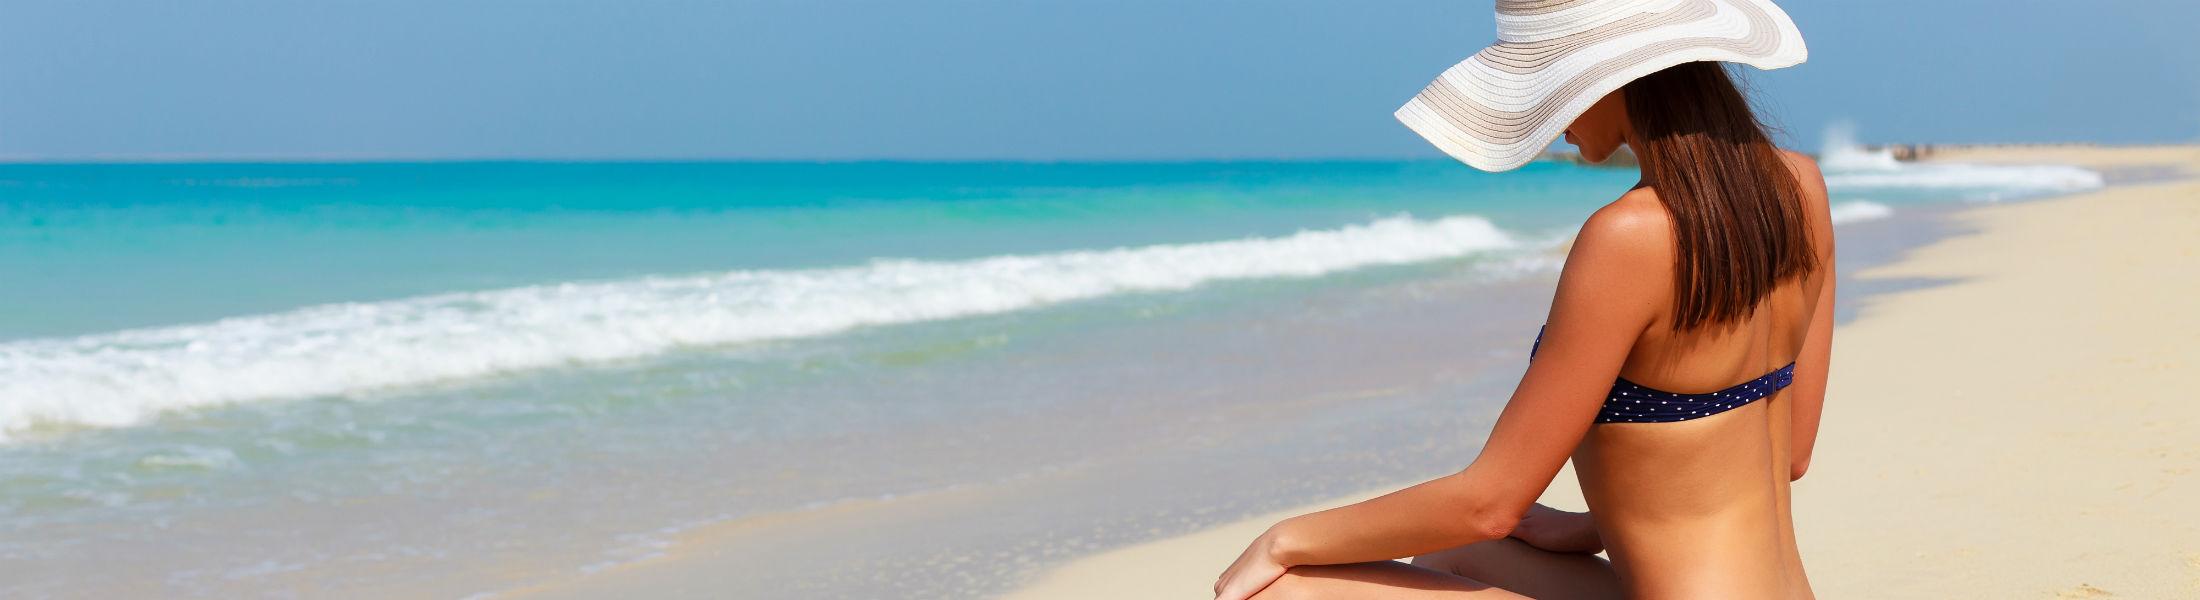 Dubai - Woman on beach relaxing